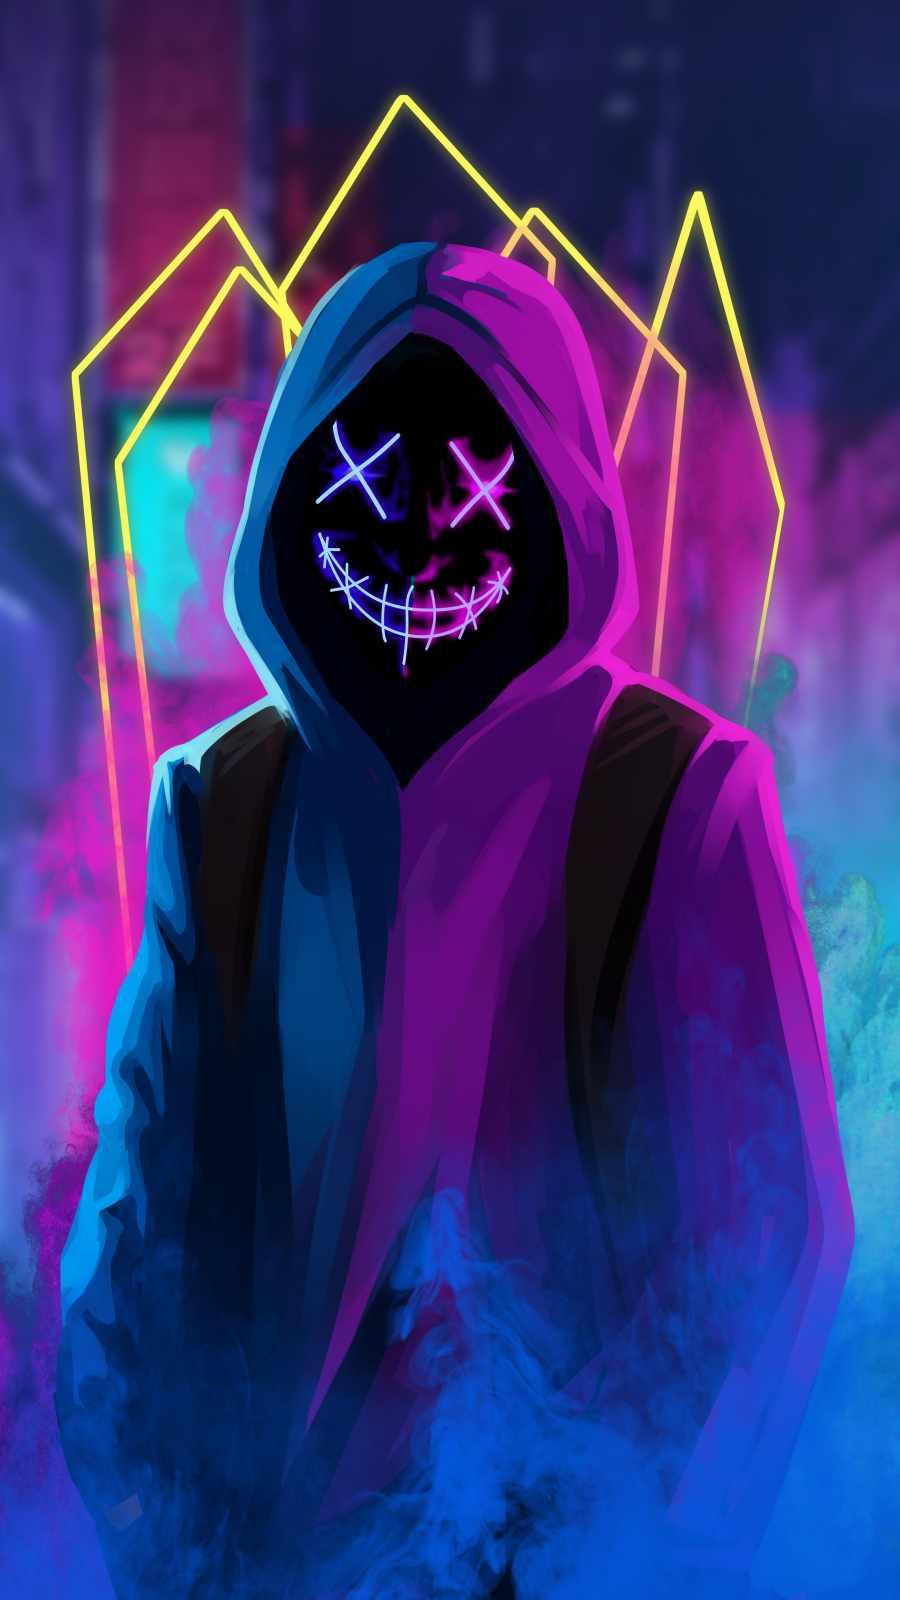 Hoodie Neon Mask Guy Smoke